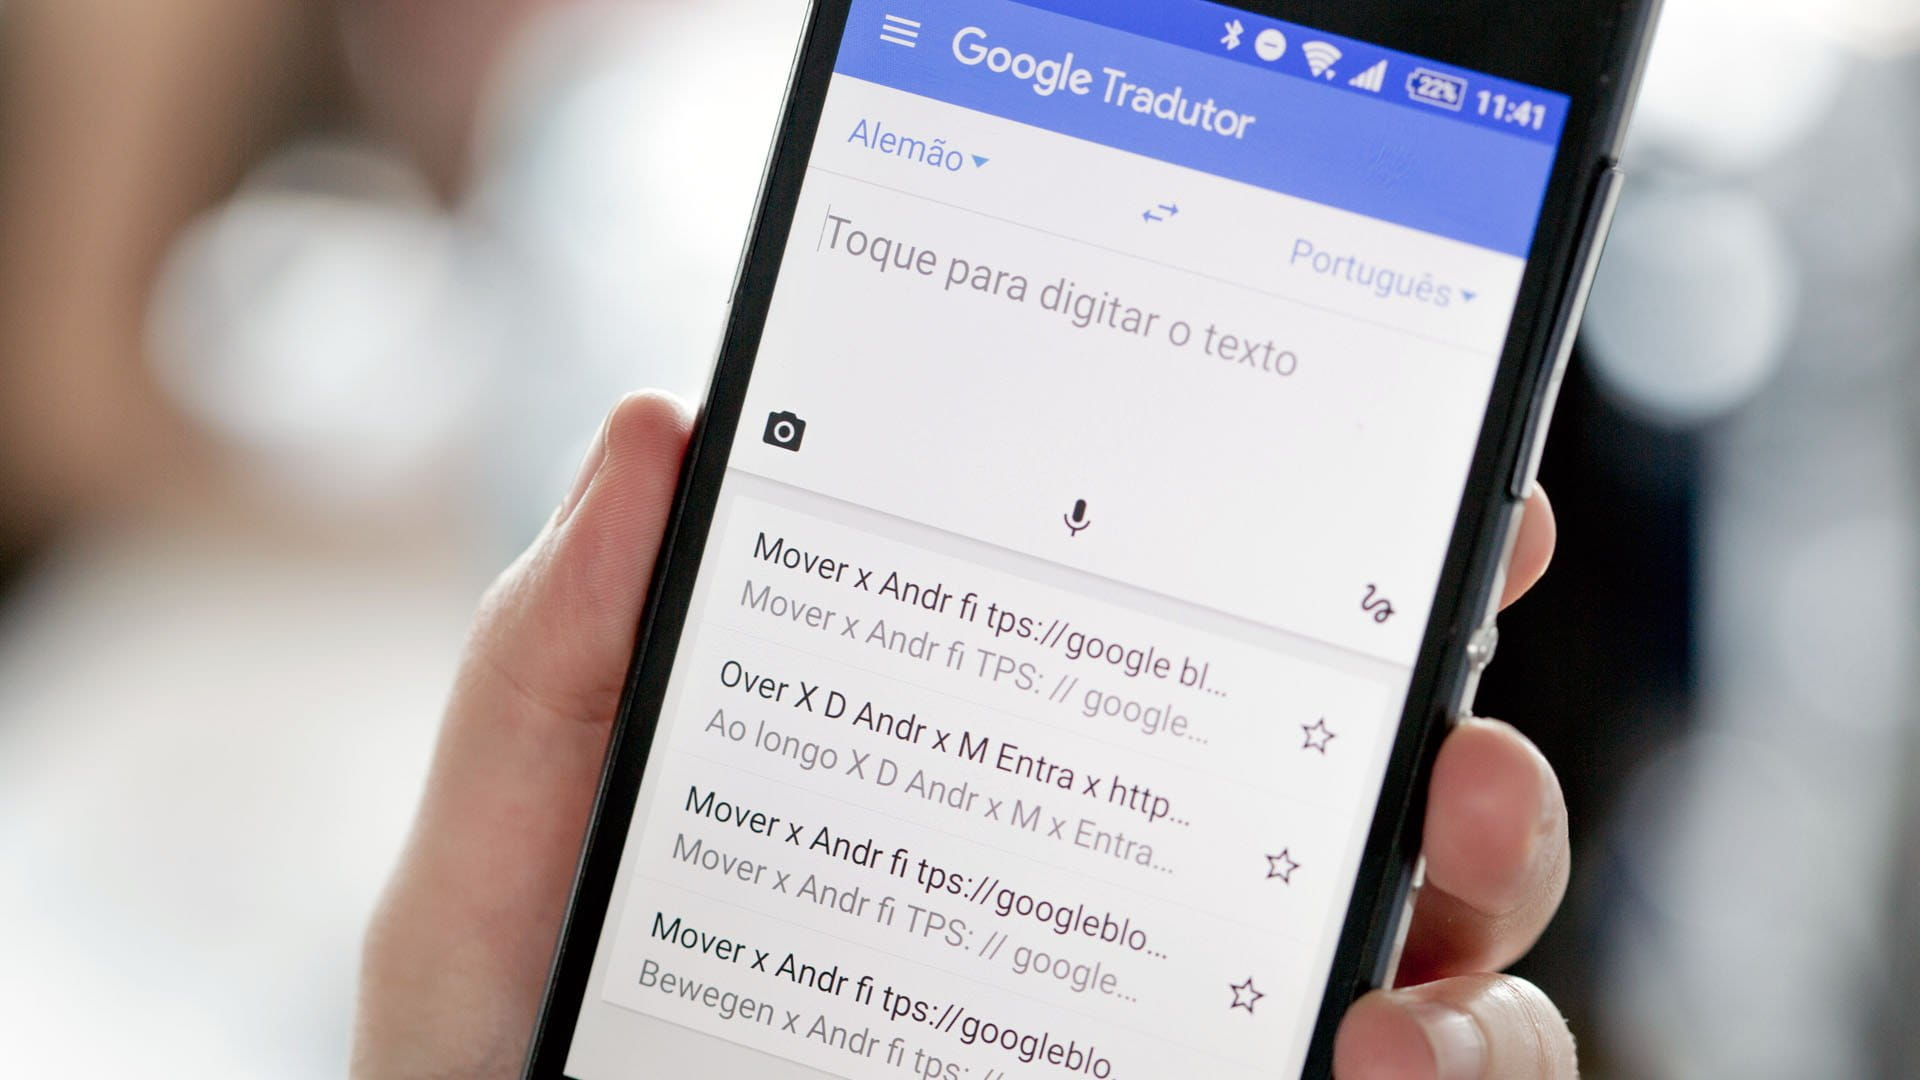 Google Tradutor faz profecias religiosas sobre o fim dos tempos